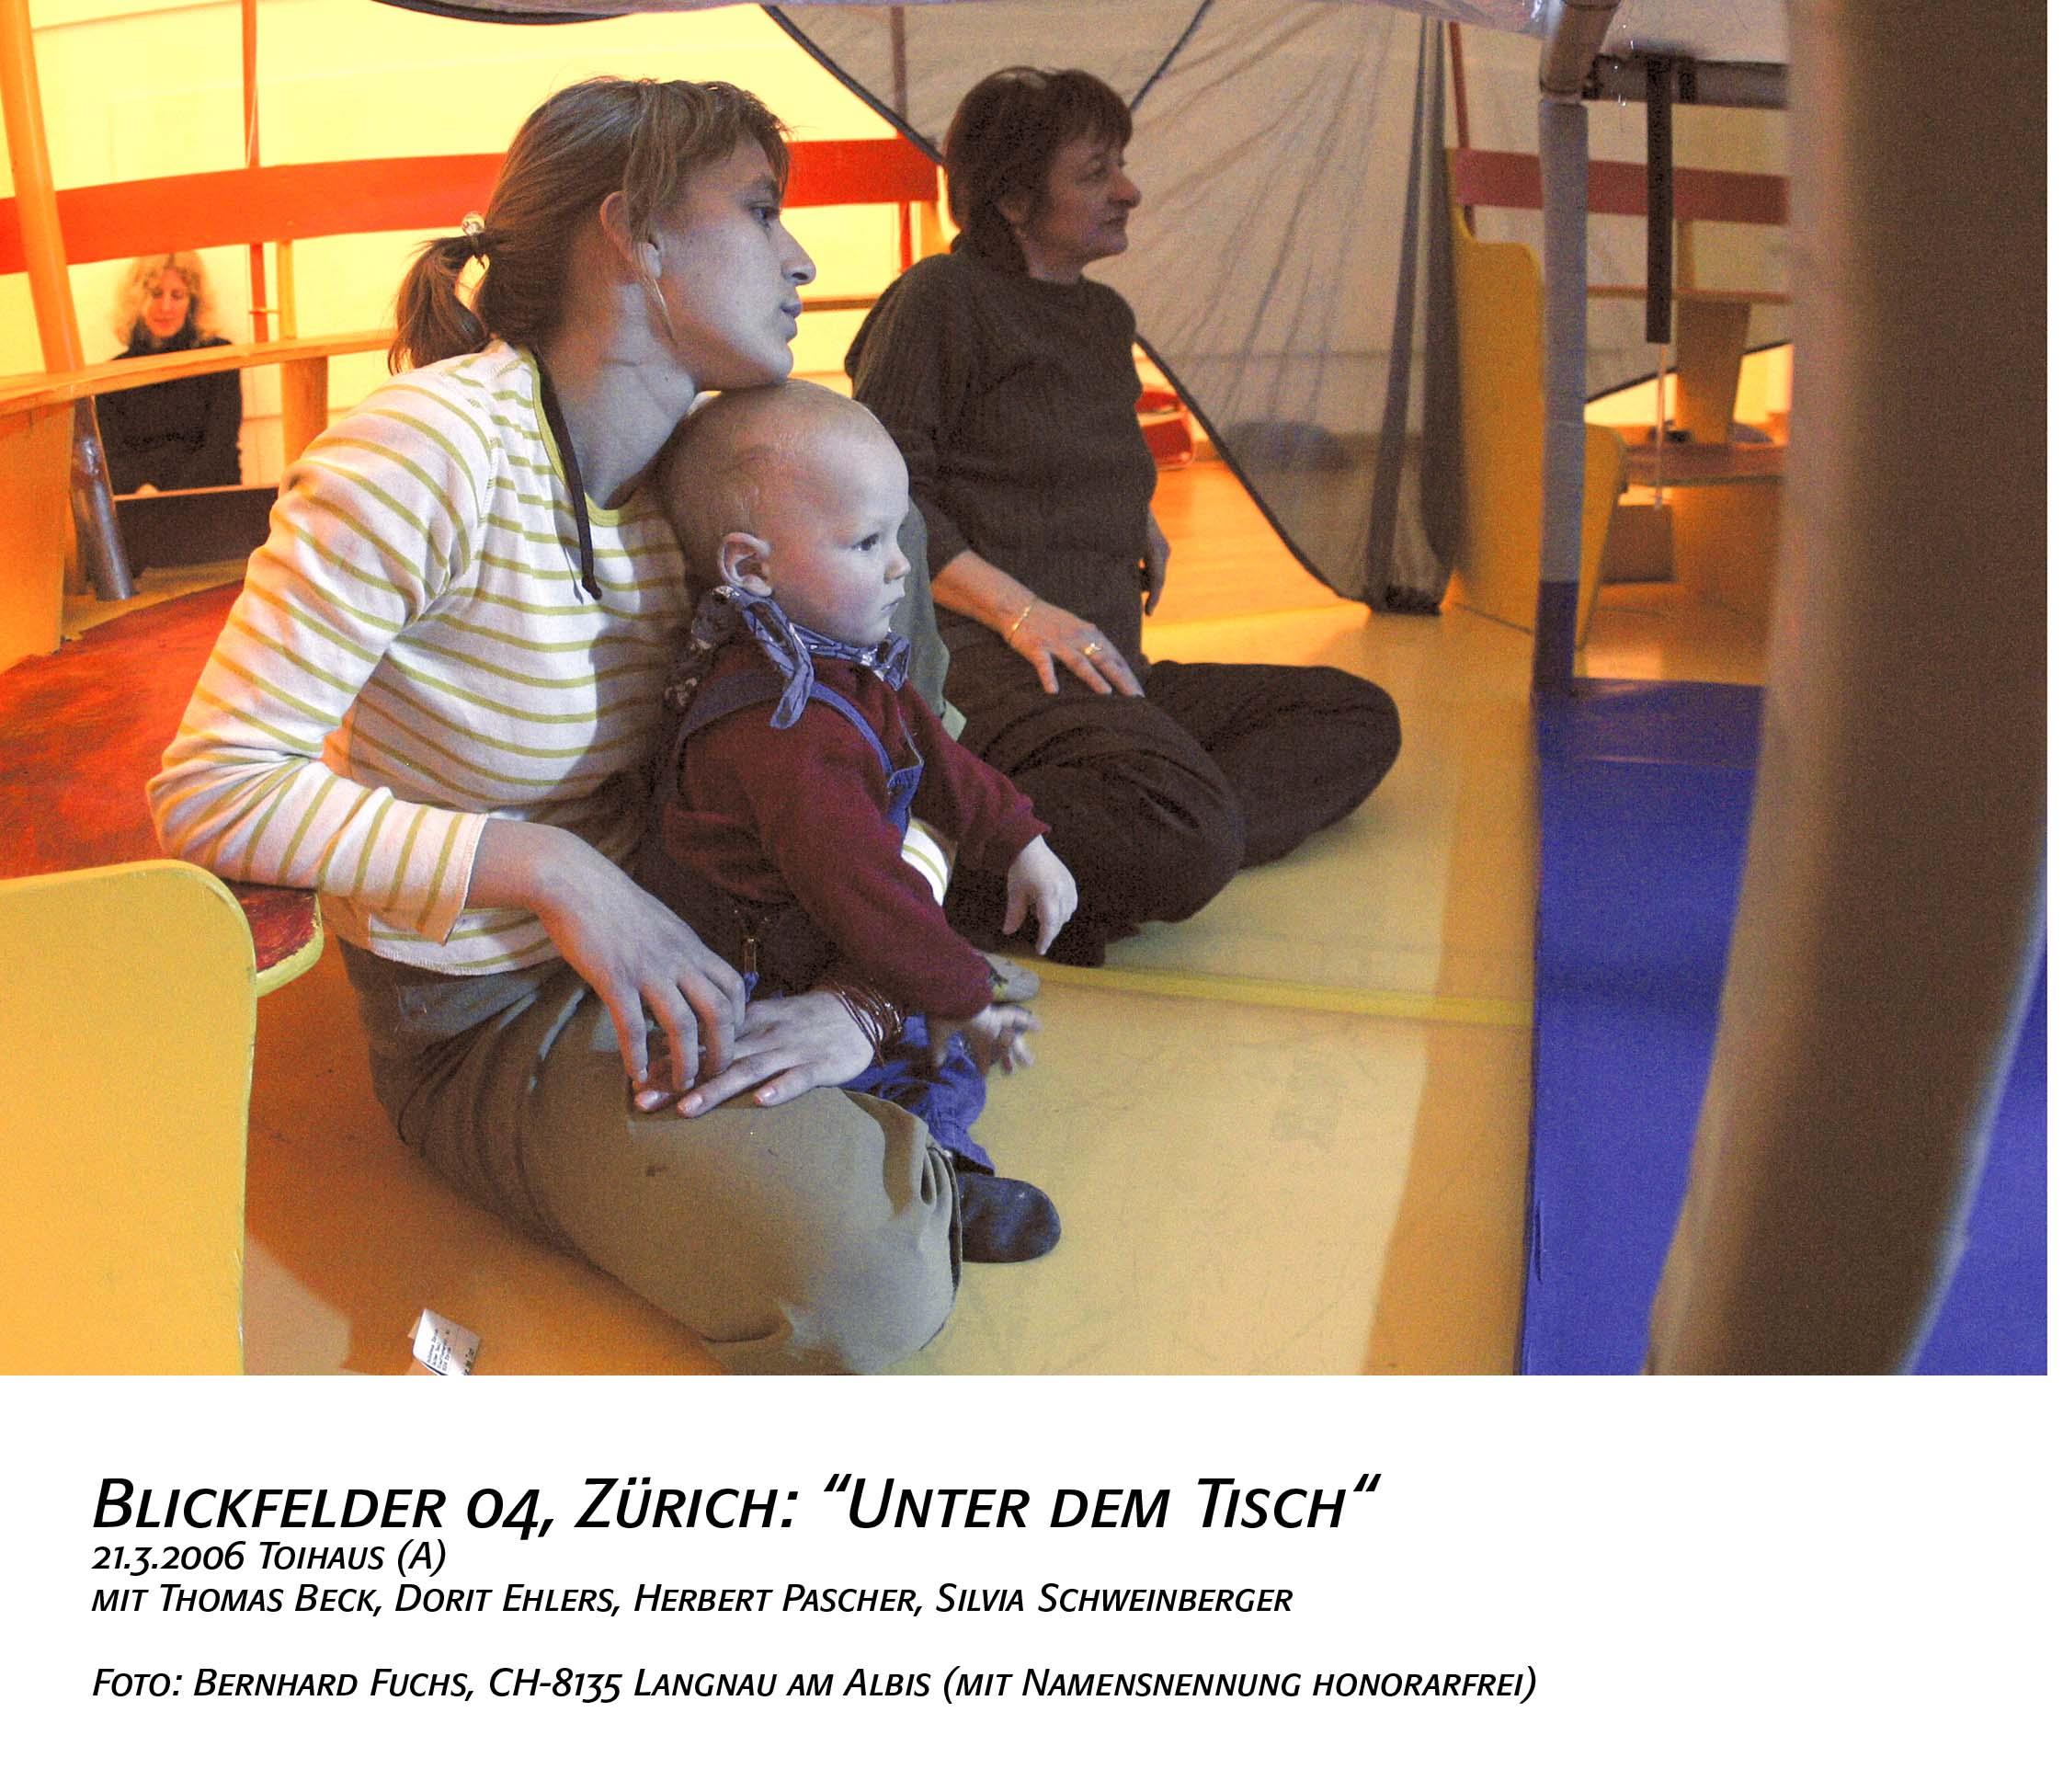 bernhard fuchs theaterfotos blickfelder unter dem tisch. Black Bedroom Furniture Sets. Home Design Ideas